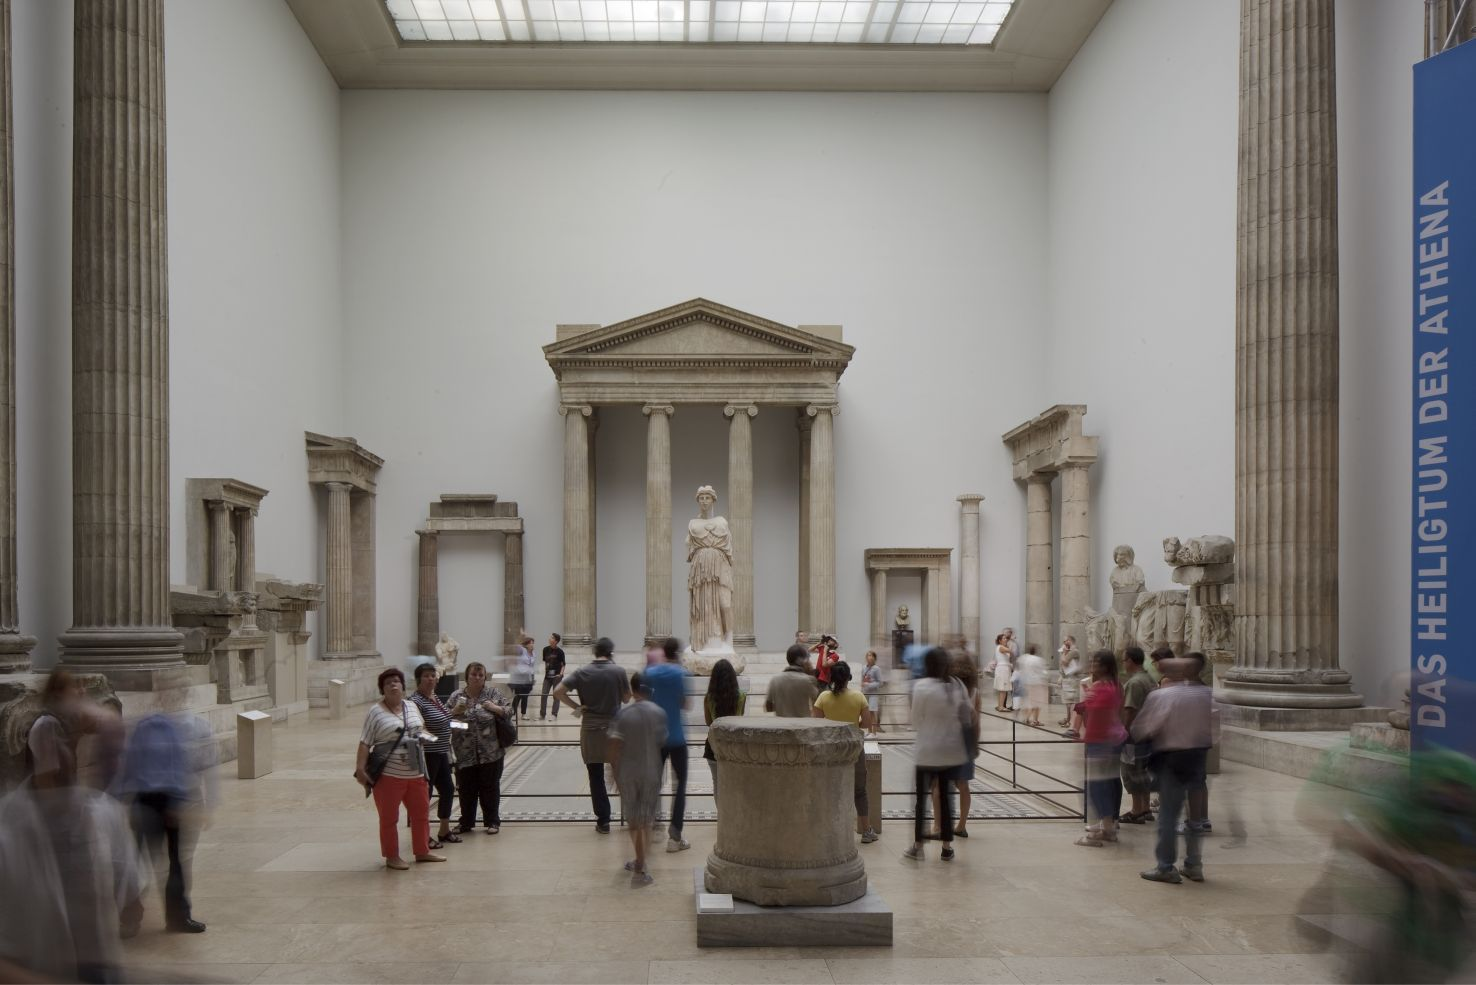 Der Hellenistische Saal vor seiner vorübergehenden Schließung. Foto: Peter Thieme